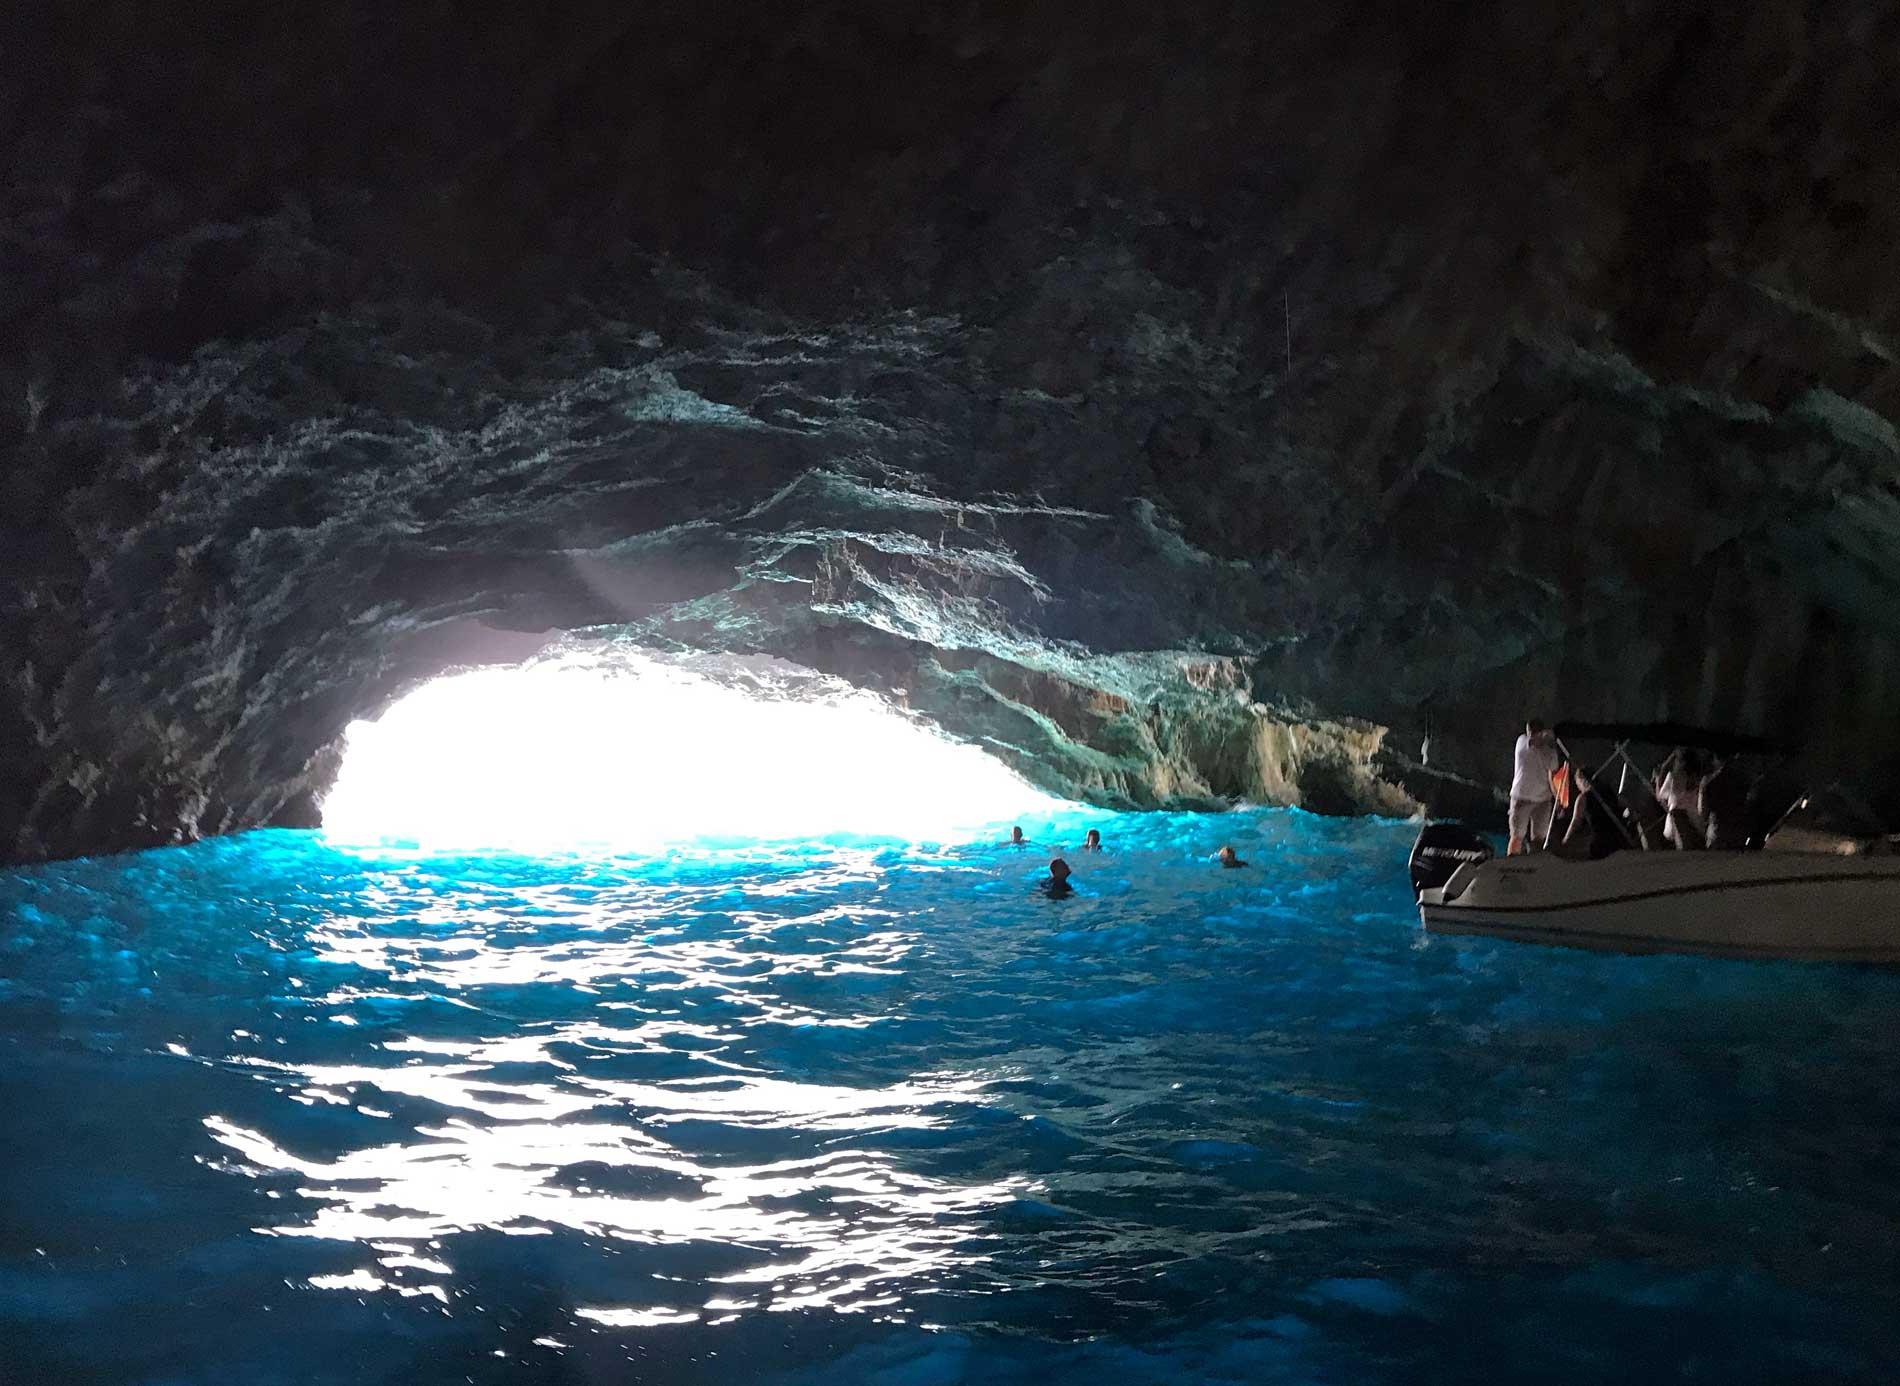 Mar-Adriatico-Bocche-di-Cattaro-Montenegro-Grotta-Azzurra-Plava-spilja-acqua-mare